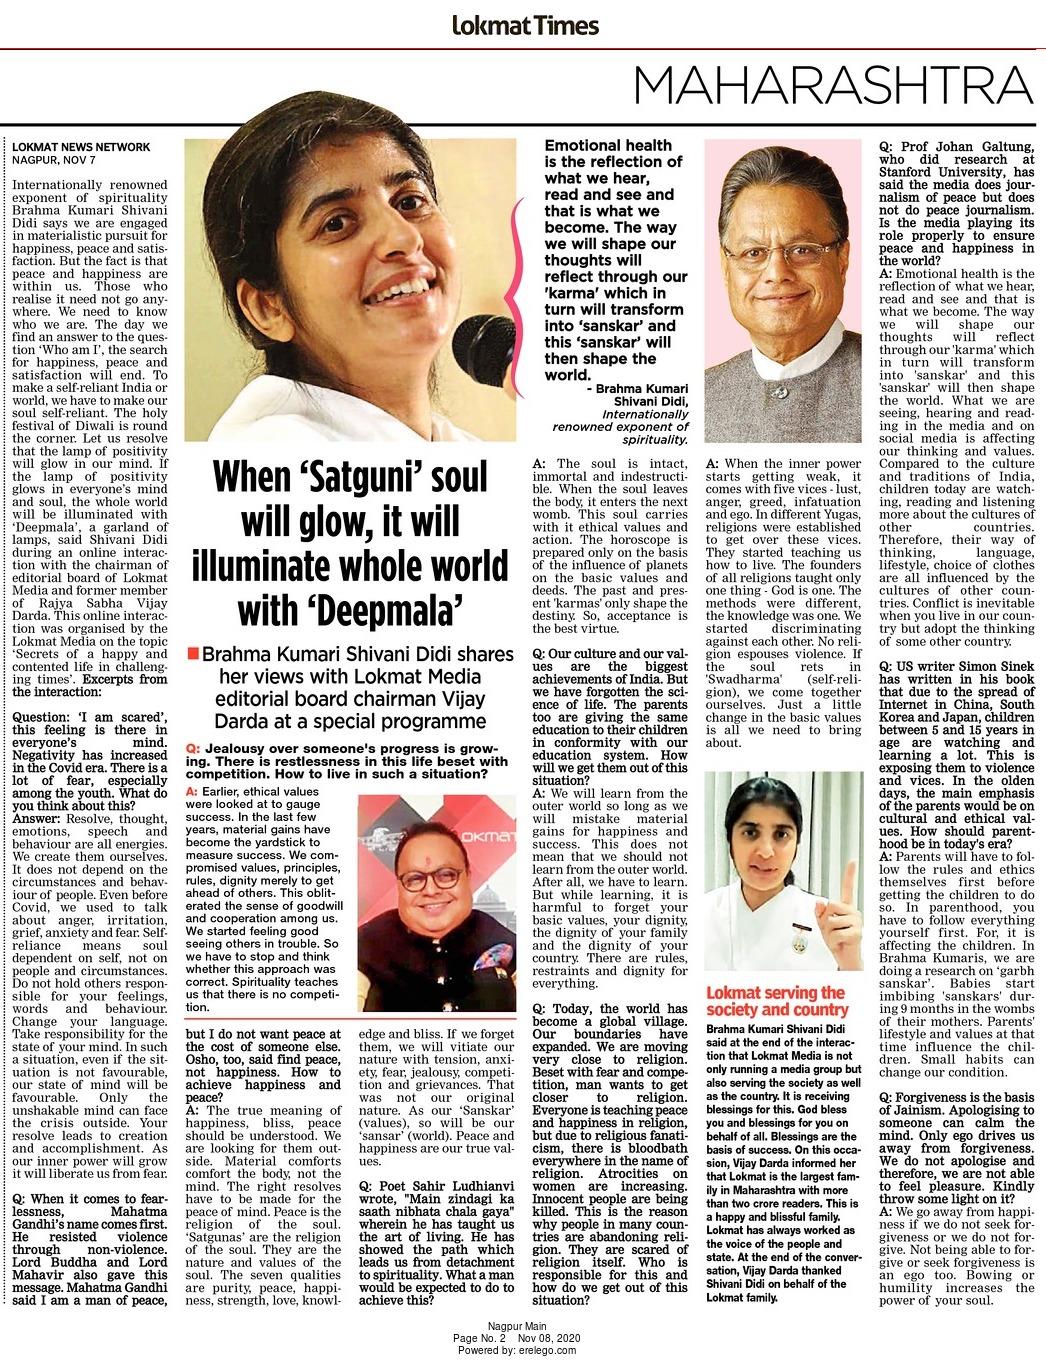 When 'Satguni' soul will glow, it will illuminate whole world with 'Deepmala'